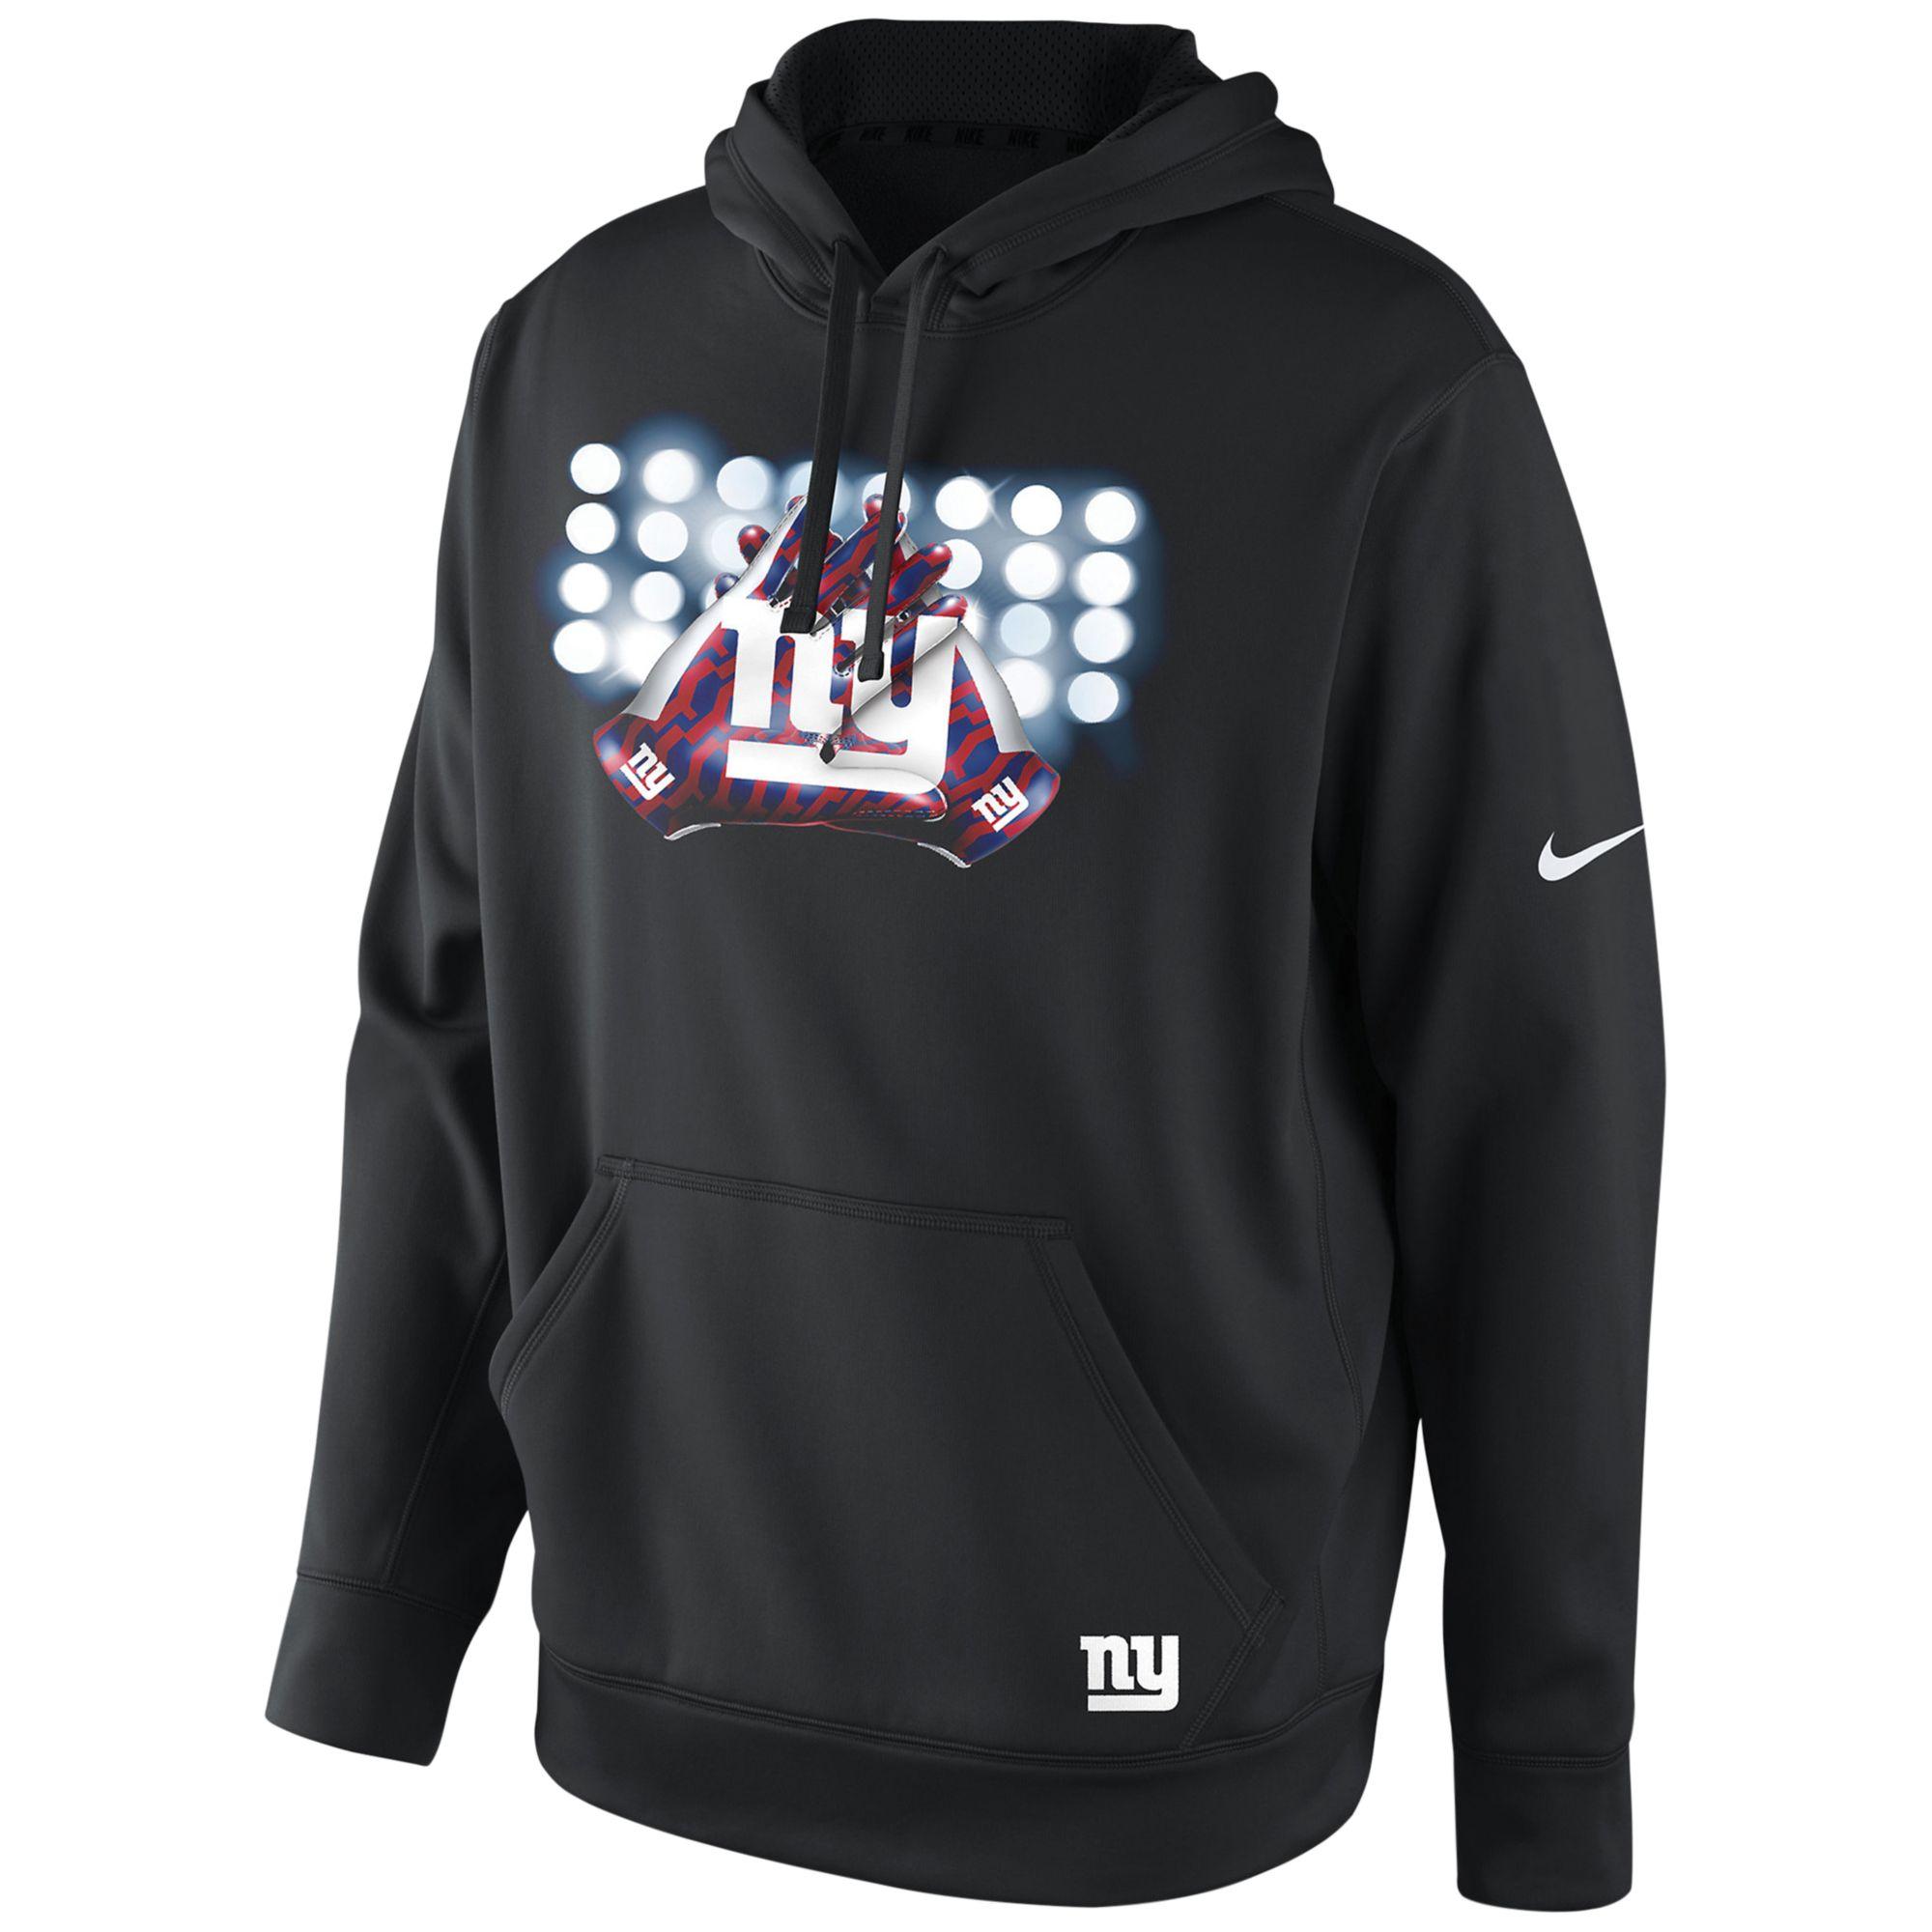 Nike giants hoodie